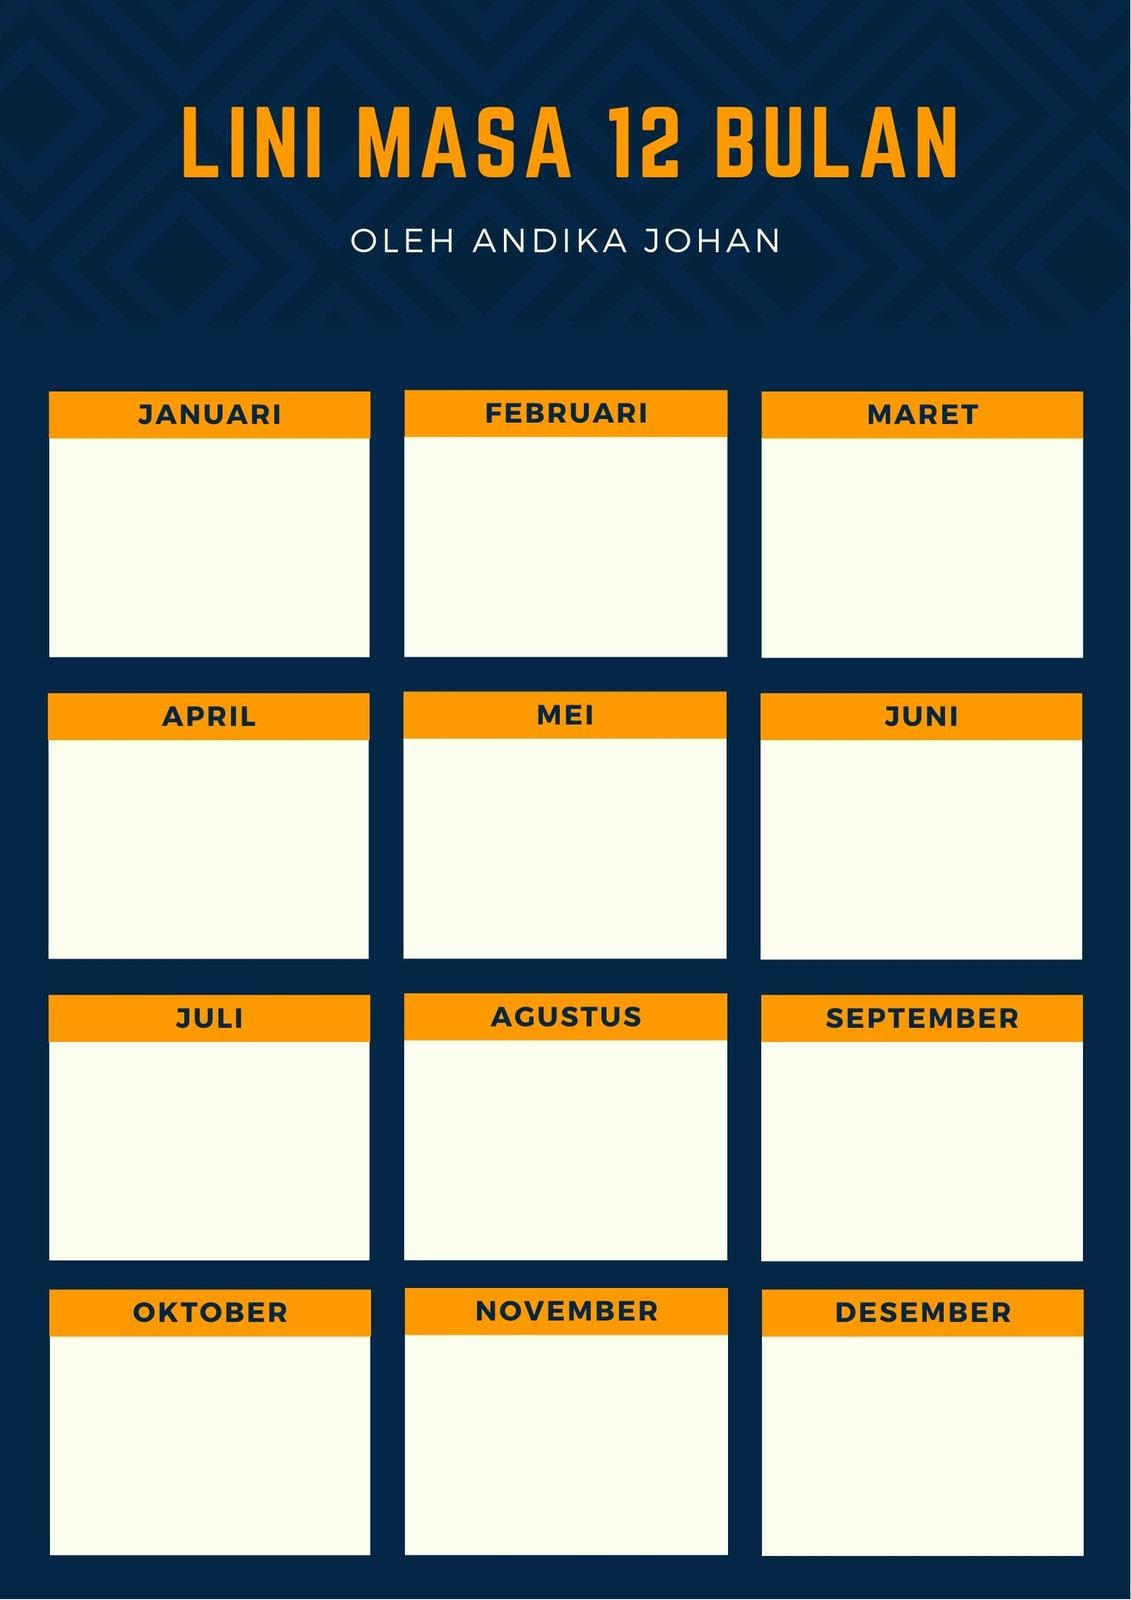 Agenda Jadwal Proyek Biru Tua dan Oranye